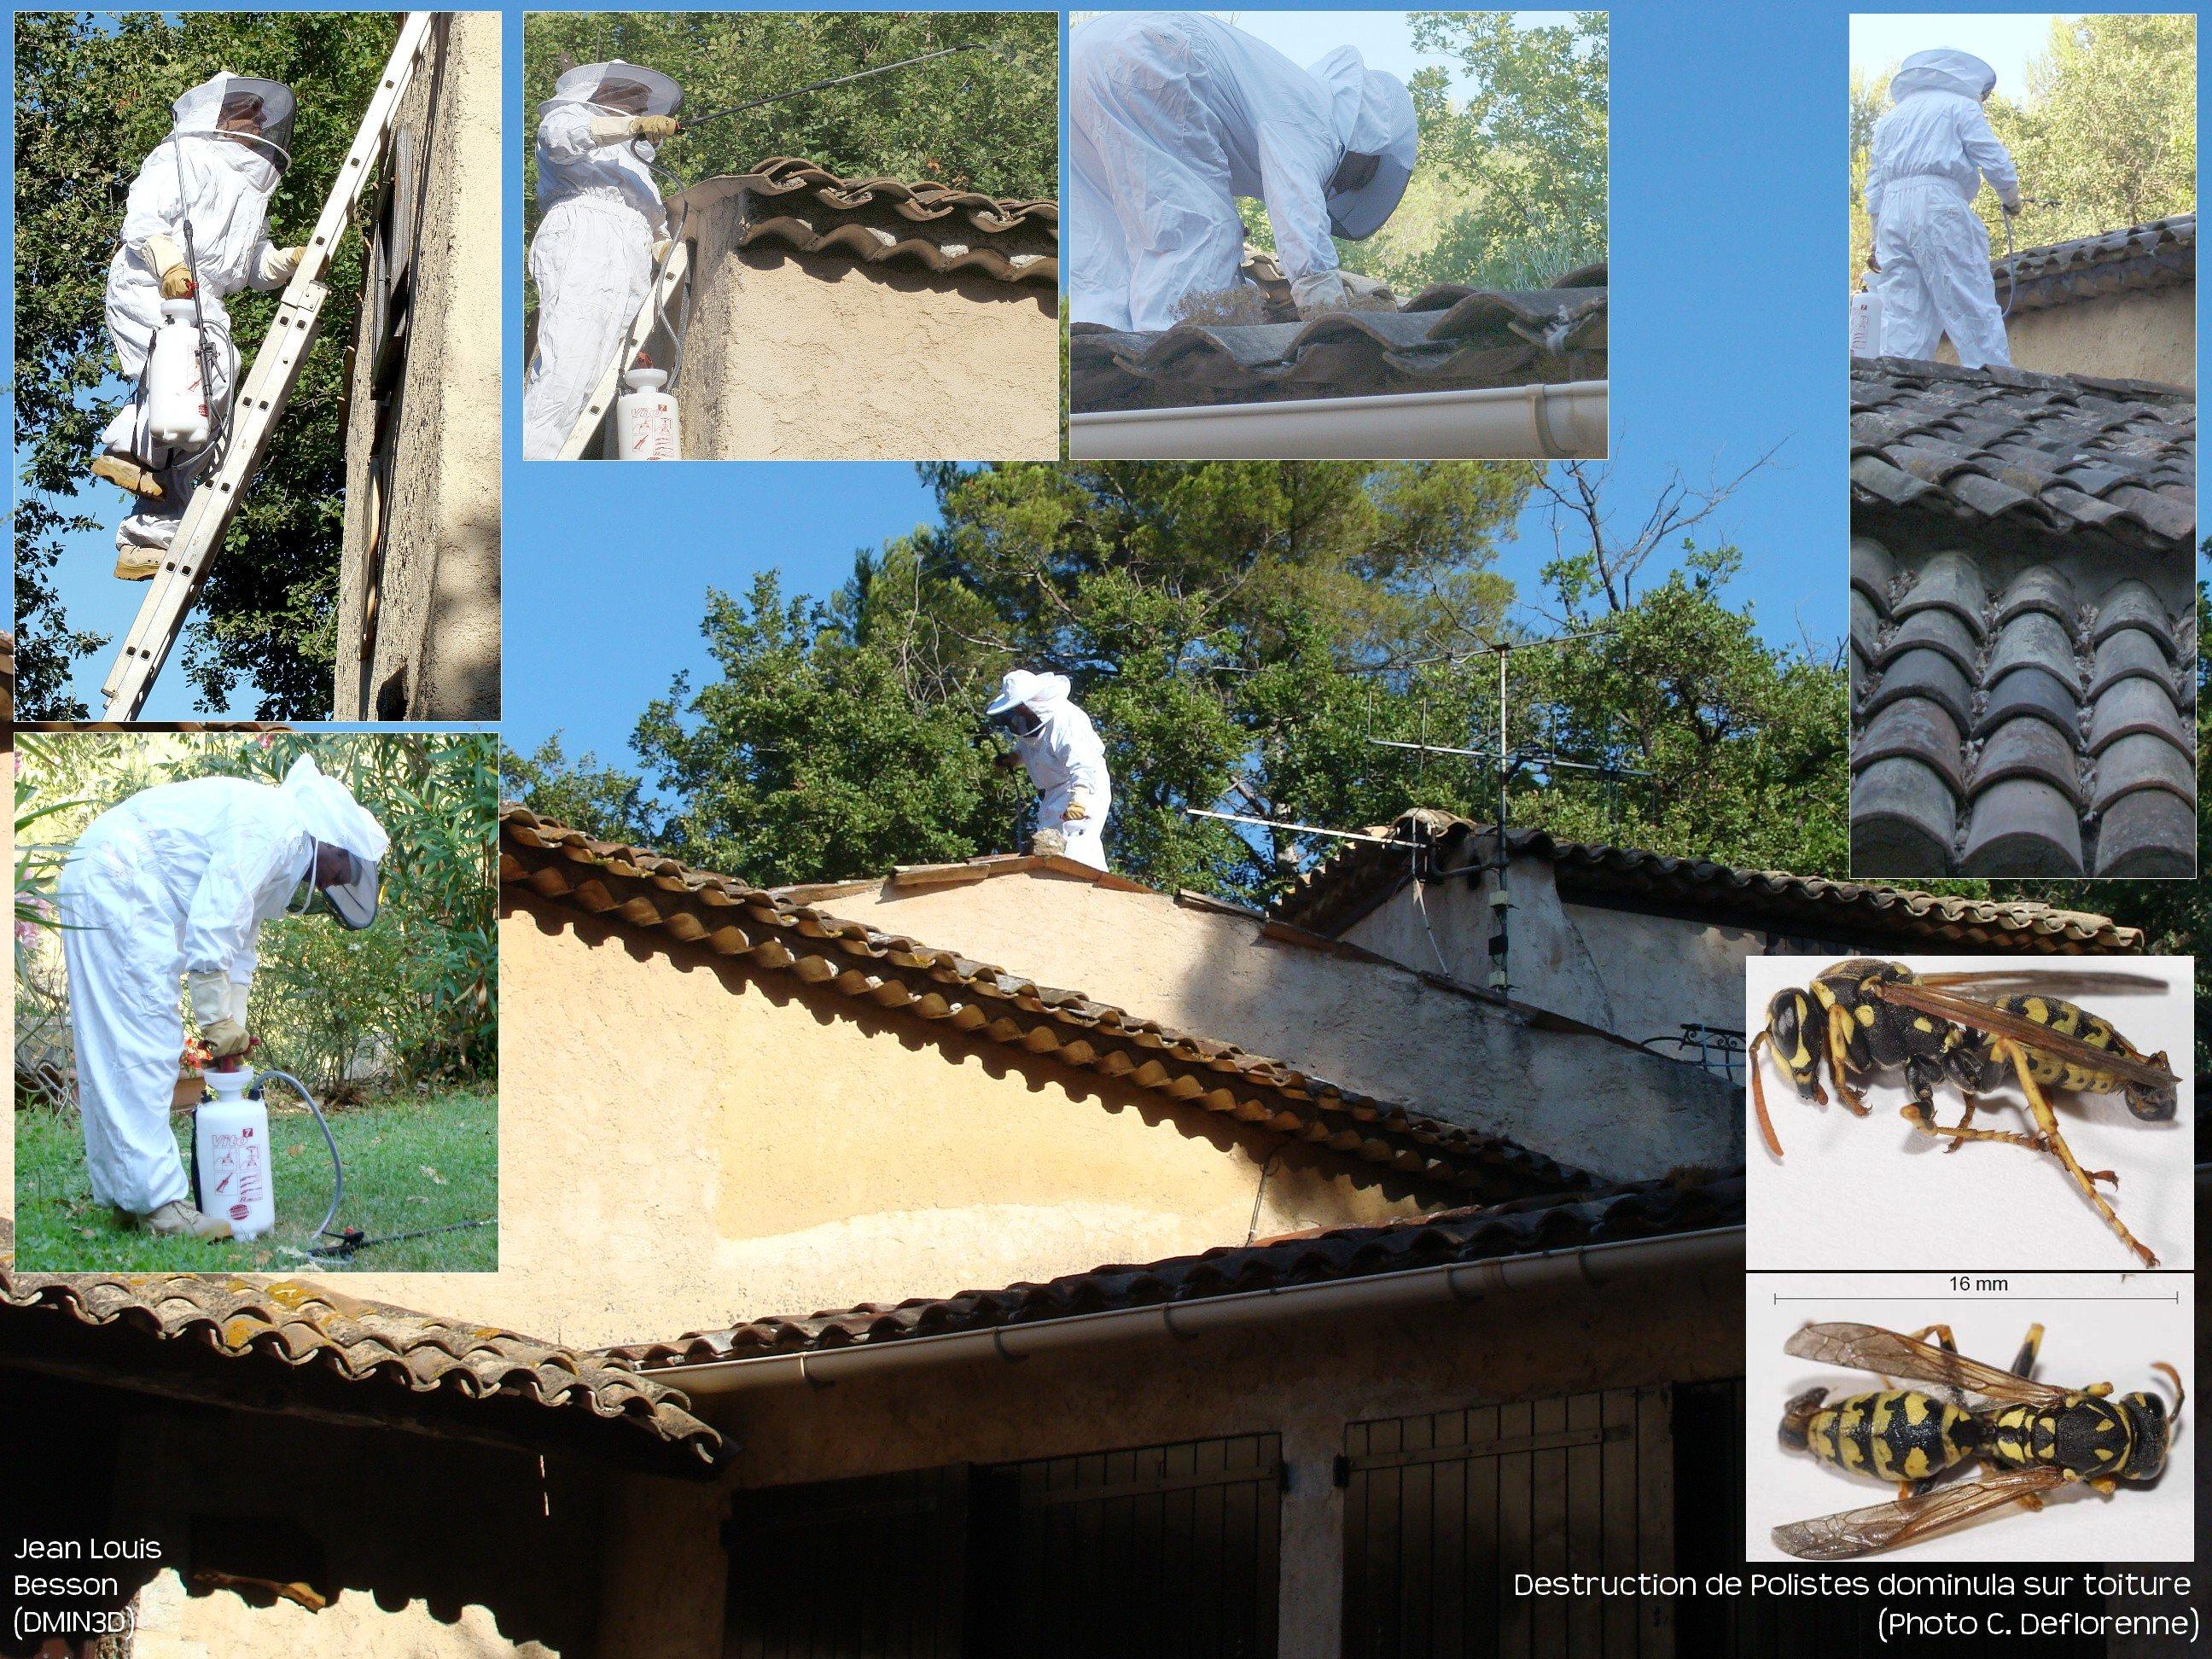 Intervention sur Guêpes polistes toiture